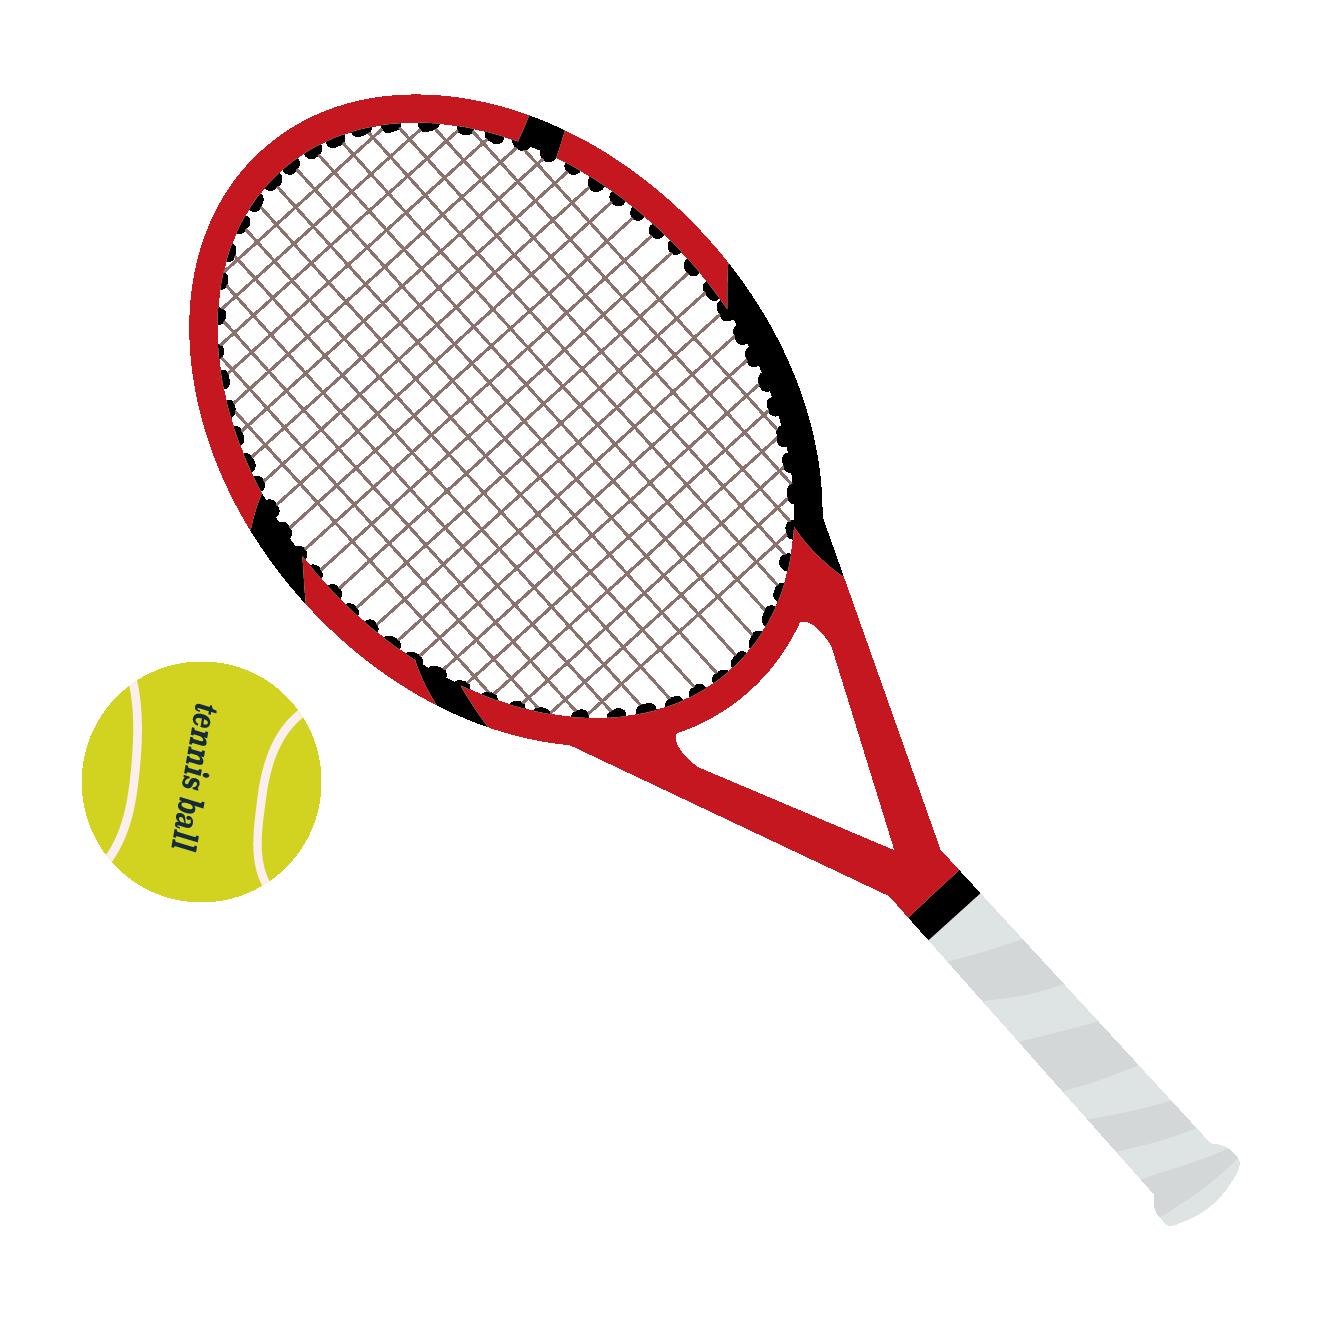 テニスラケット&テニスボールのイラスト | 商用フリー(無料)のイラスト